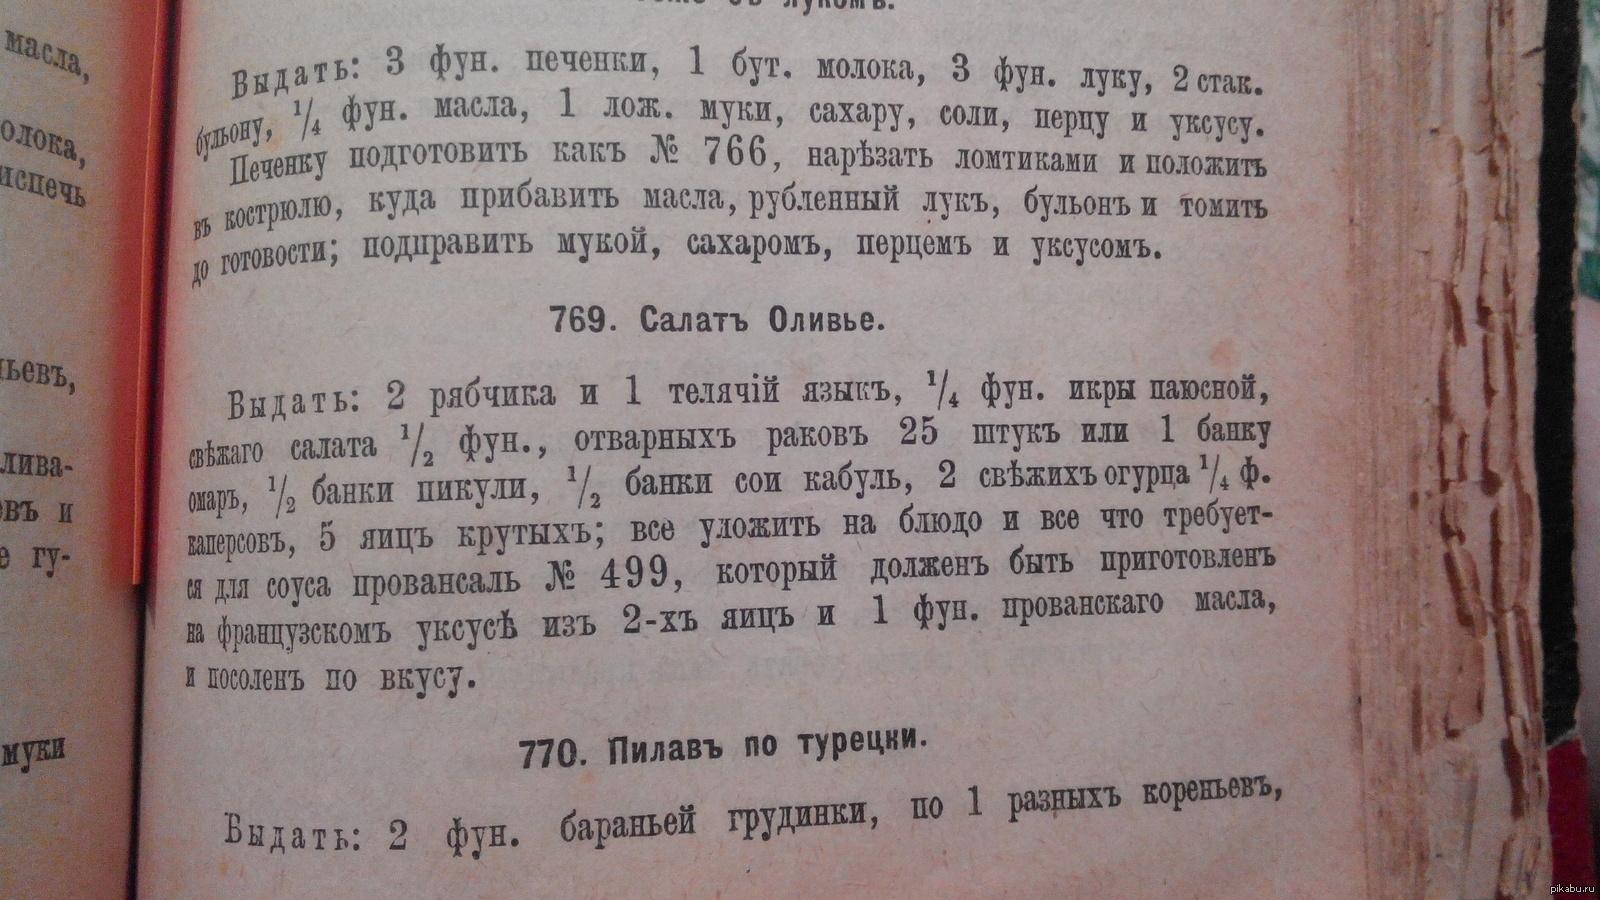 рецепт оливье 1905